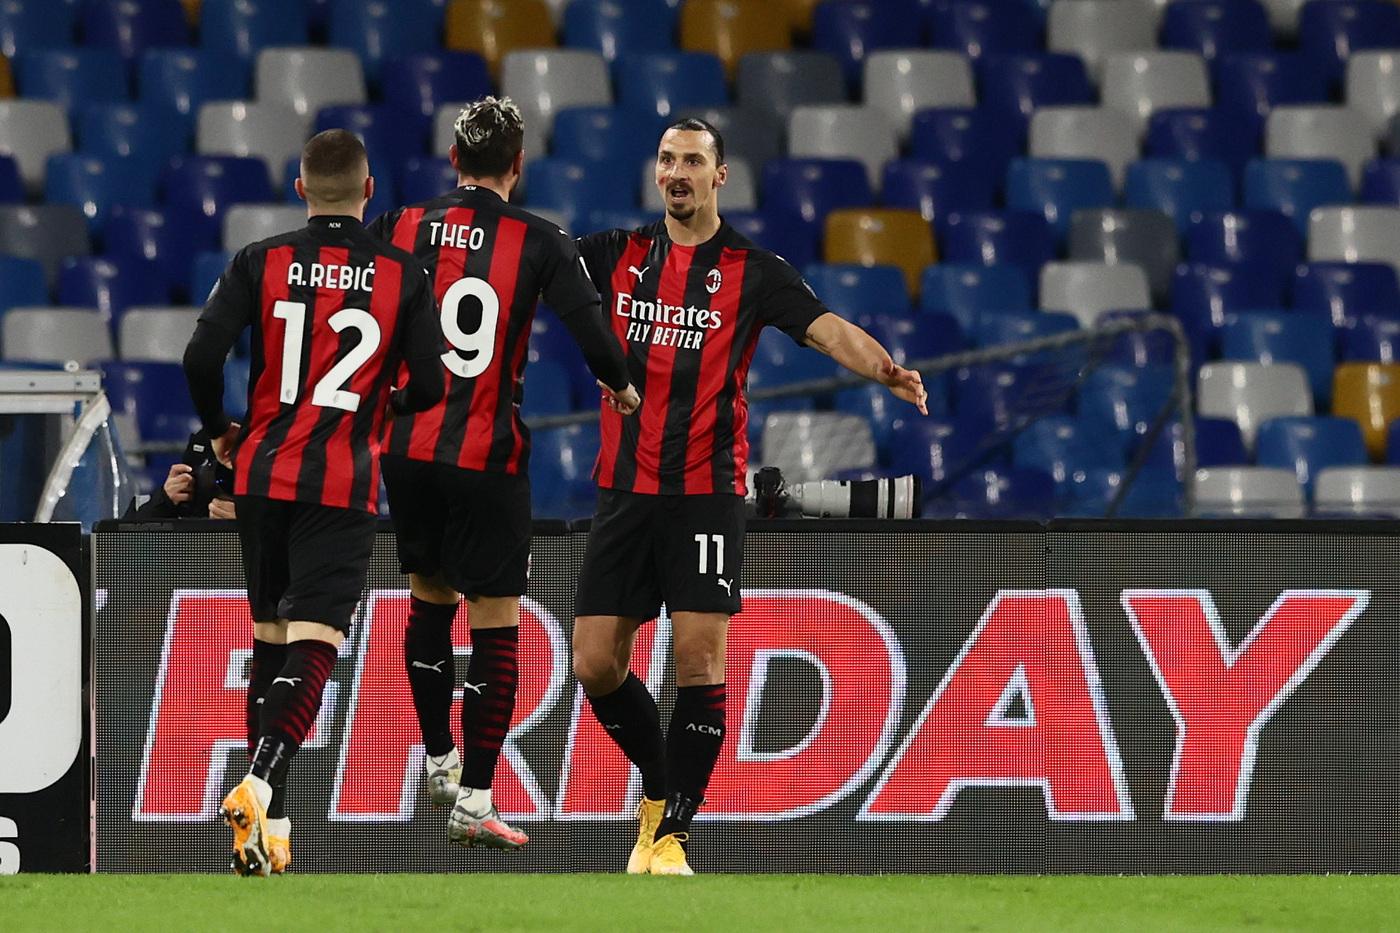 Napoli-Milan 1-3 |  Serie A |  i rossoneri espugnano il San Paolo con la doppietta di Ibrahimovic  In testa al campionato